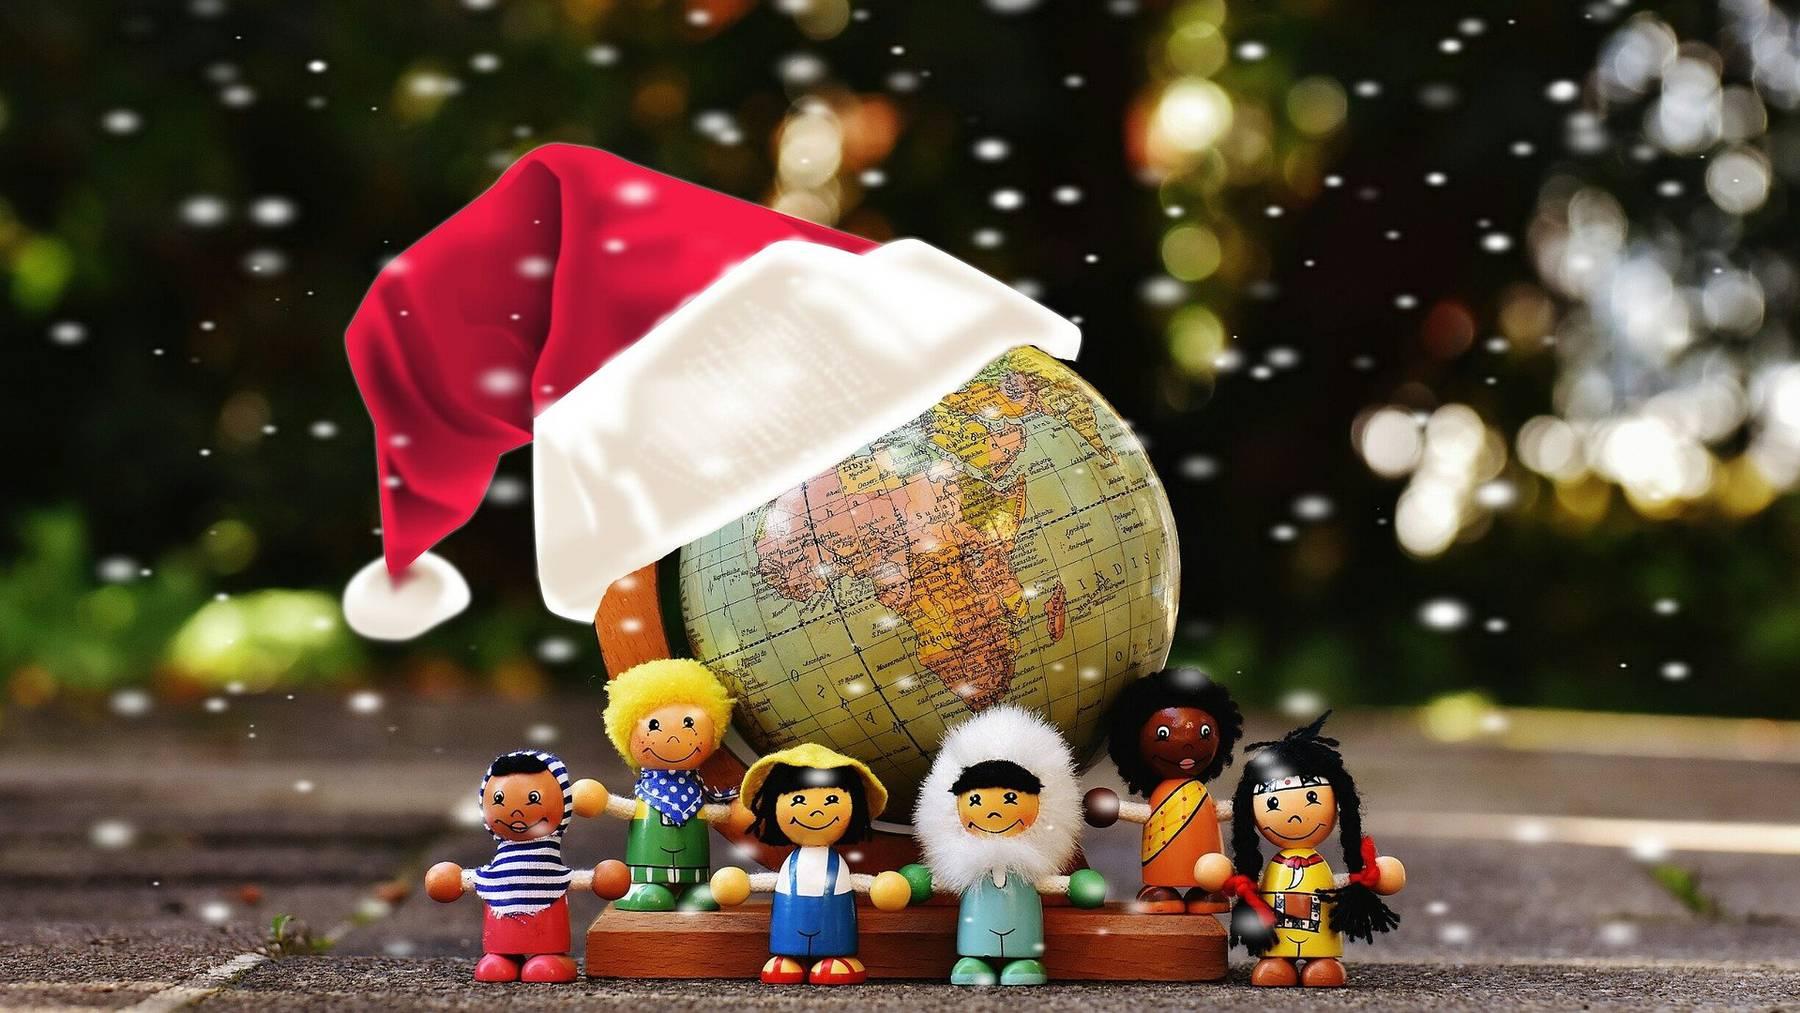 Weihnachtstraditionen in anderen Ländern